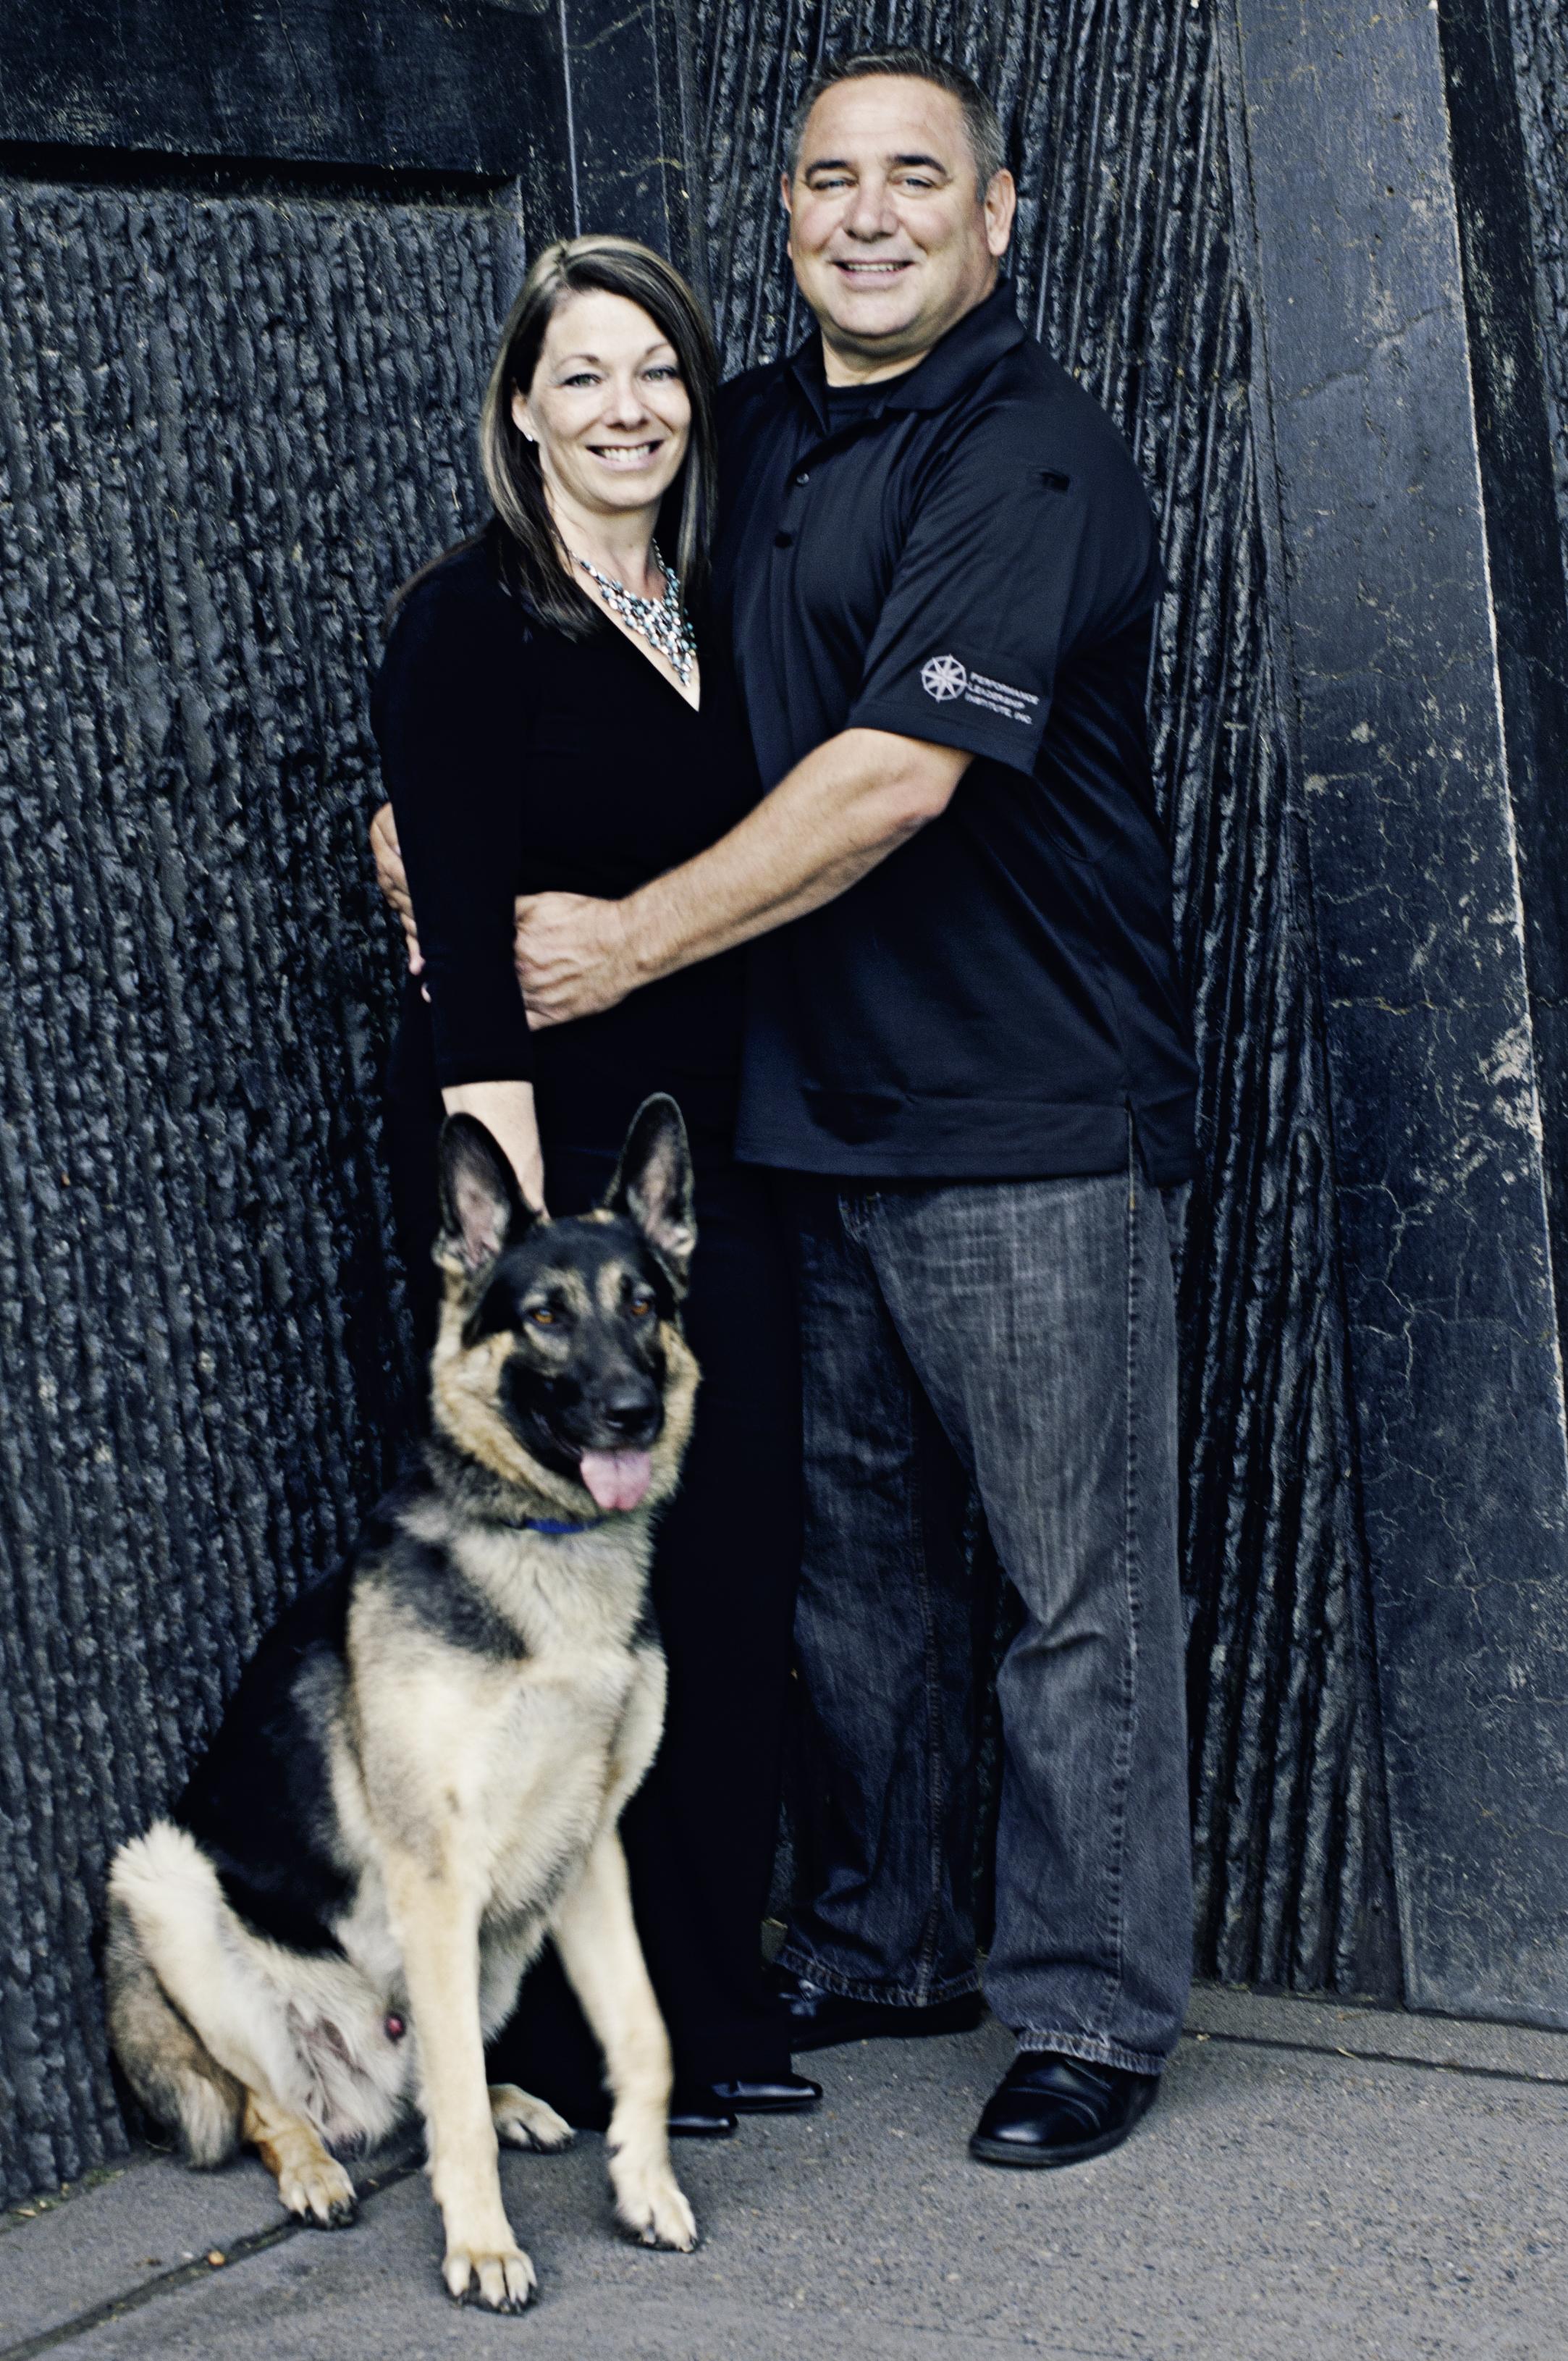 Ray Family Photos-Jamie, Bob, Koda standing.jpg